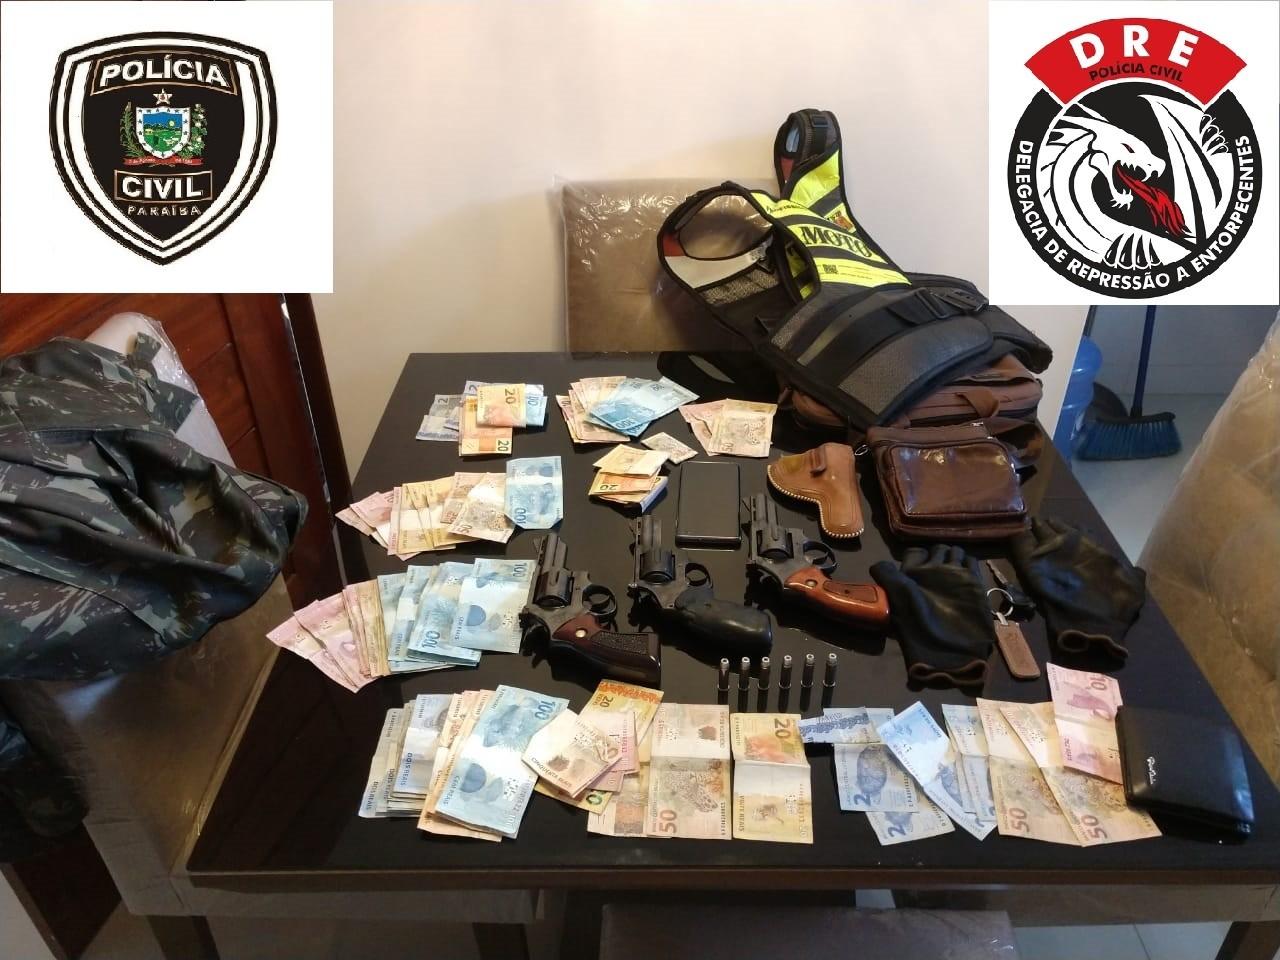 Homem é preso com três armas de fogo, munições e R$ 5 mil em dinheiro, em Campina Grande - Notícias - Plantão Diário